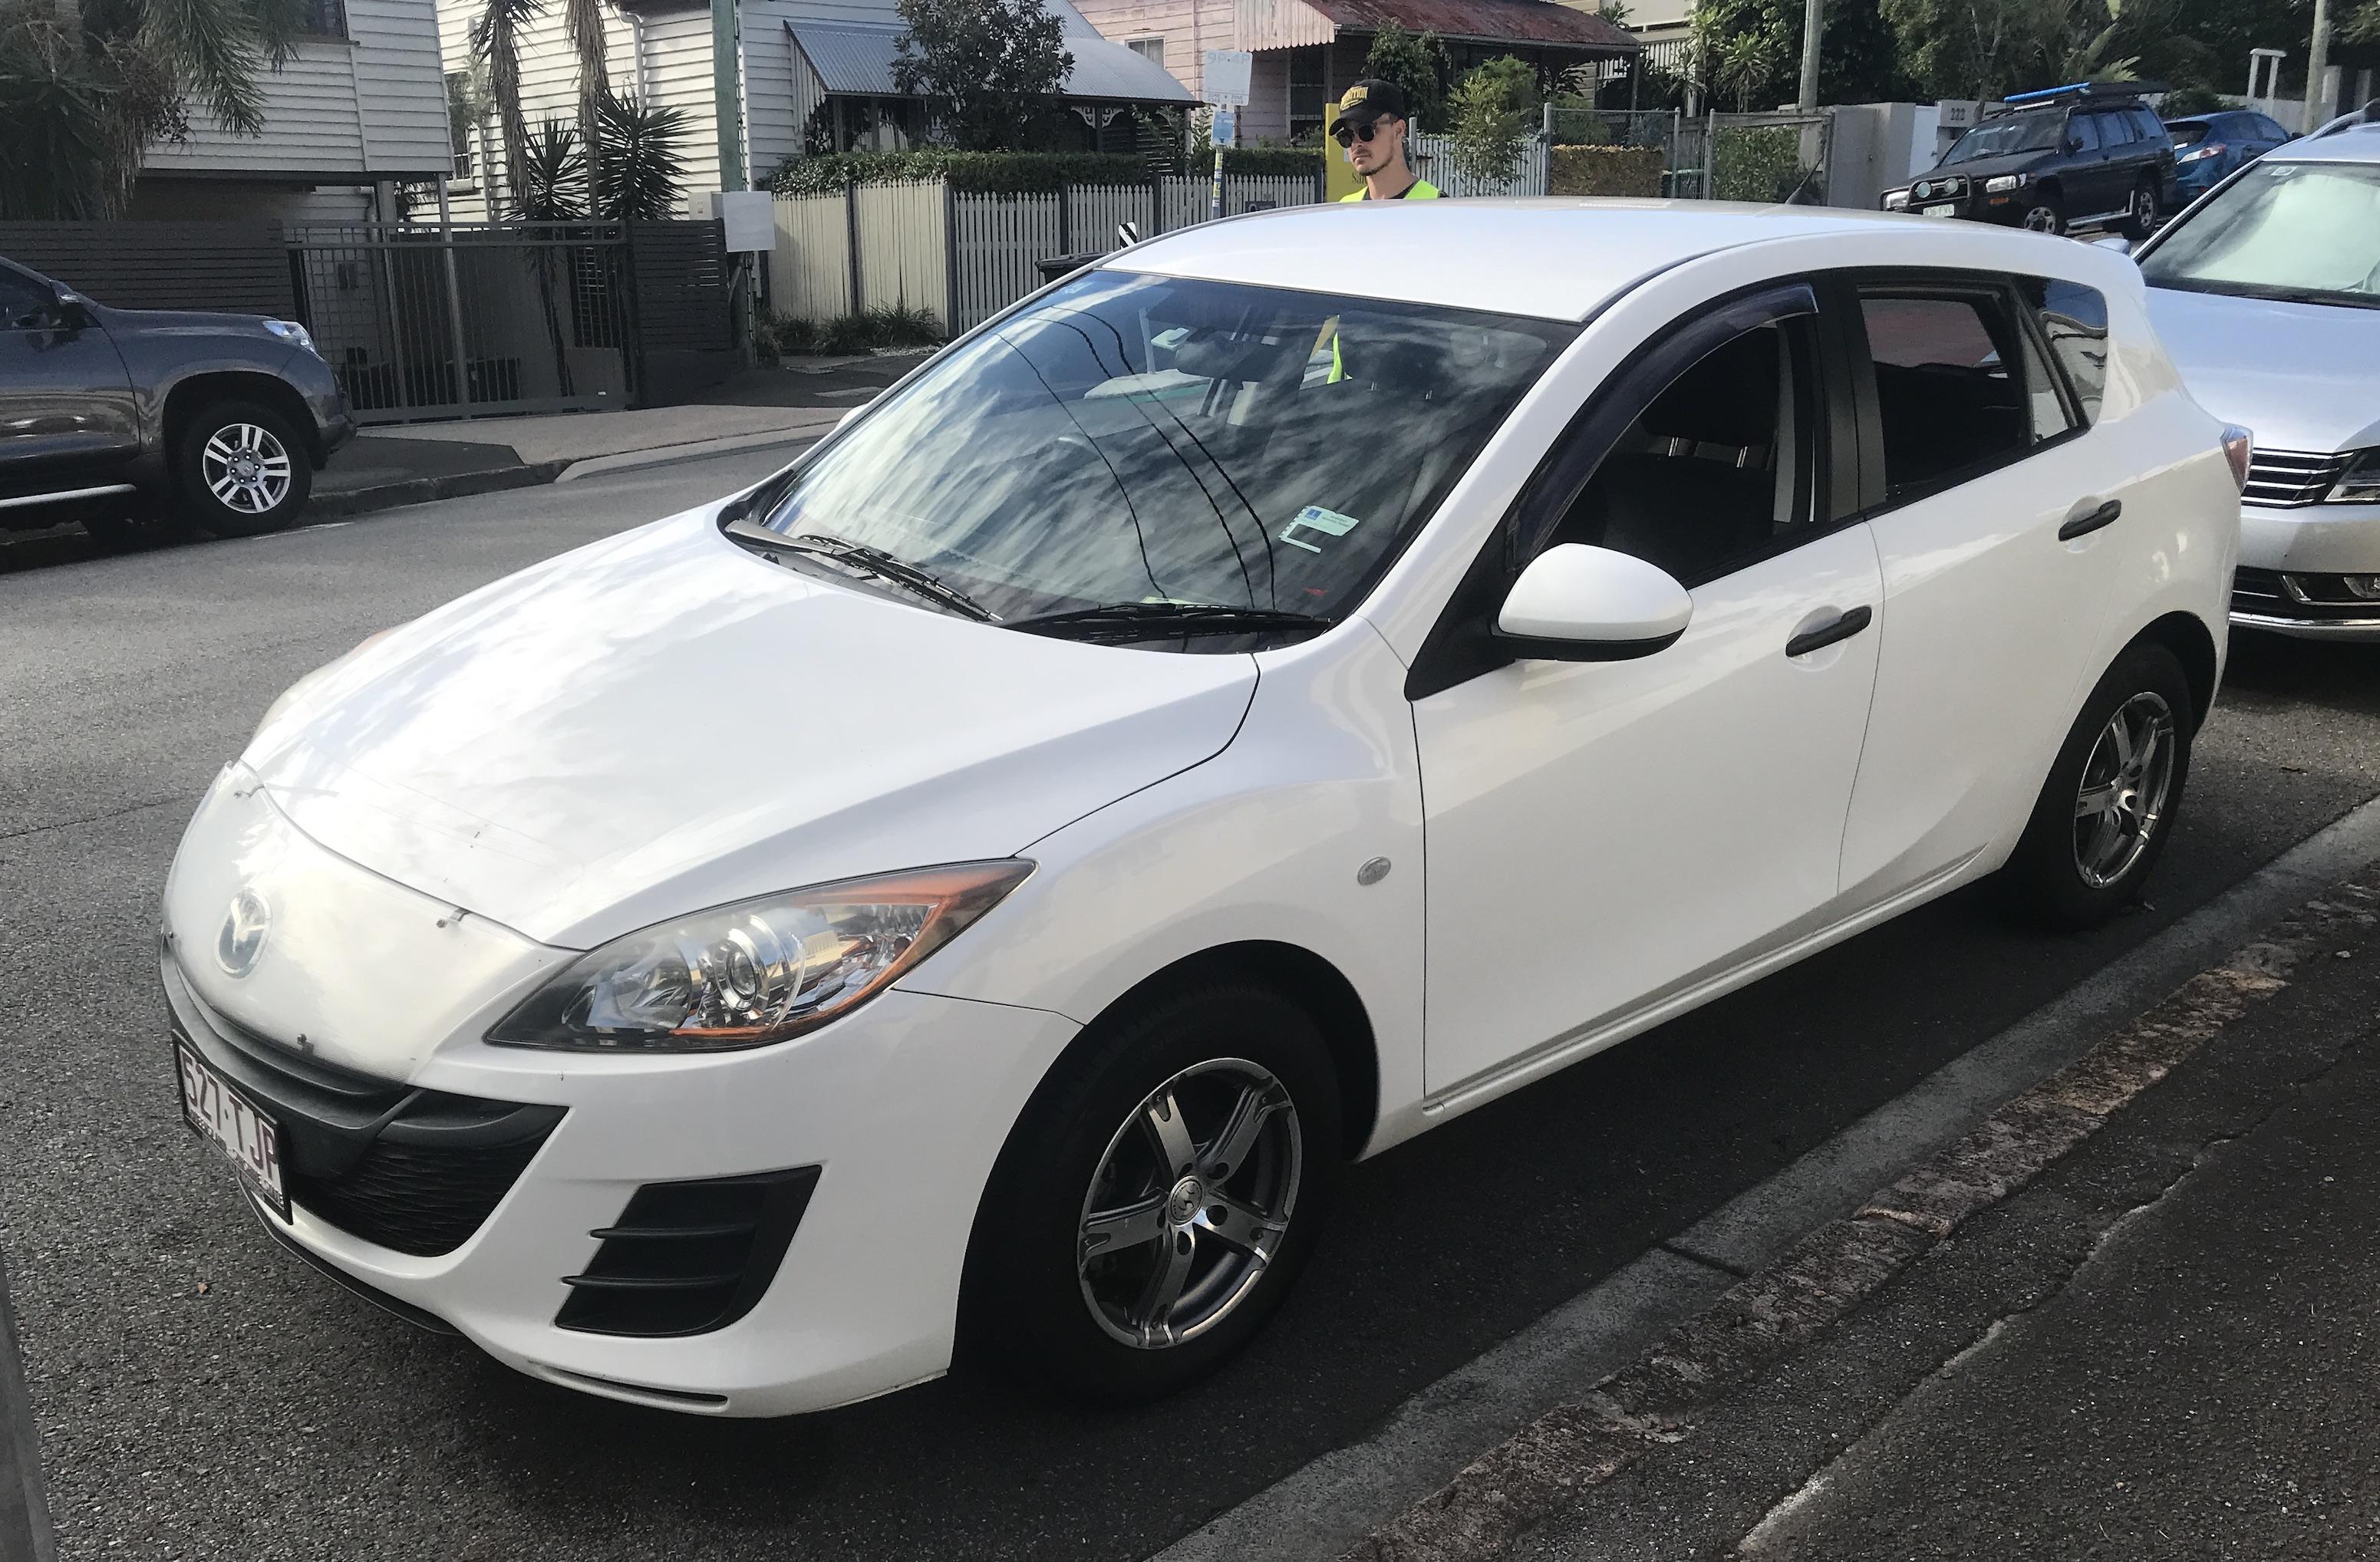 Picture of Lauren's 2009 Mazda 3